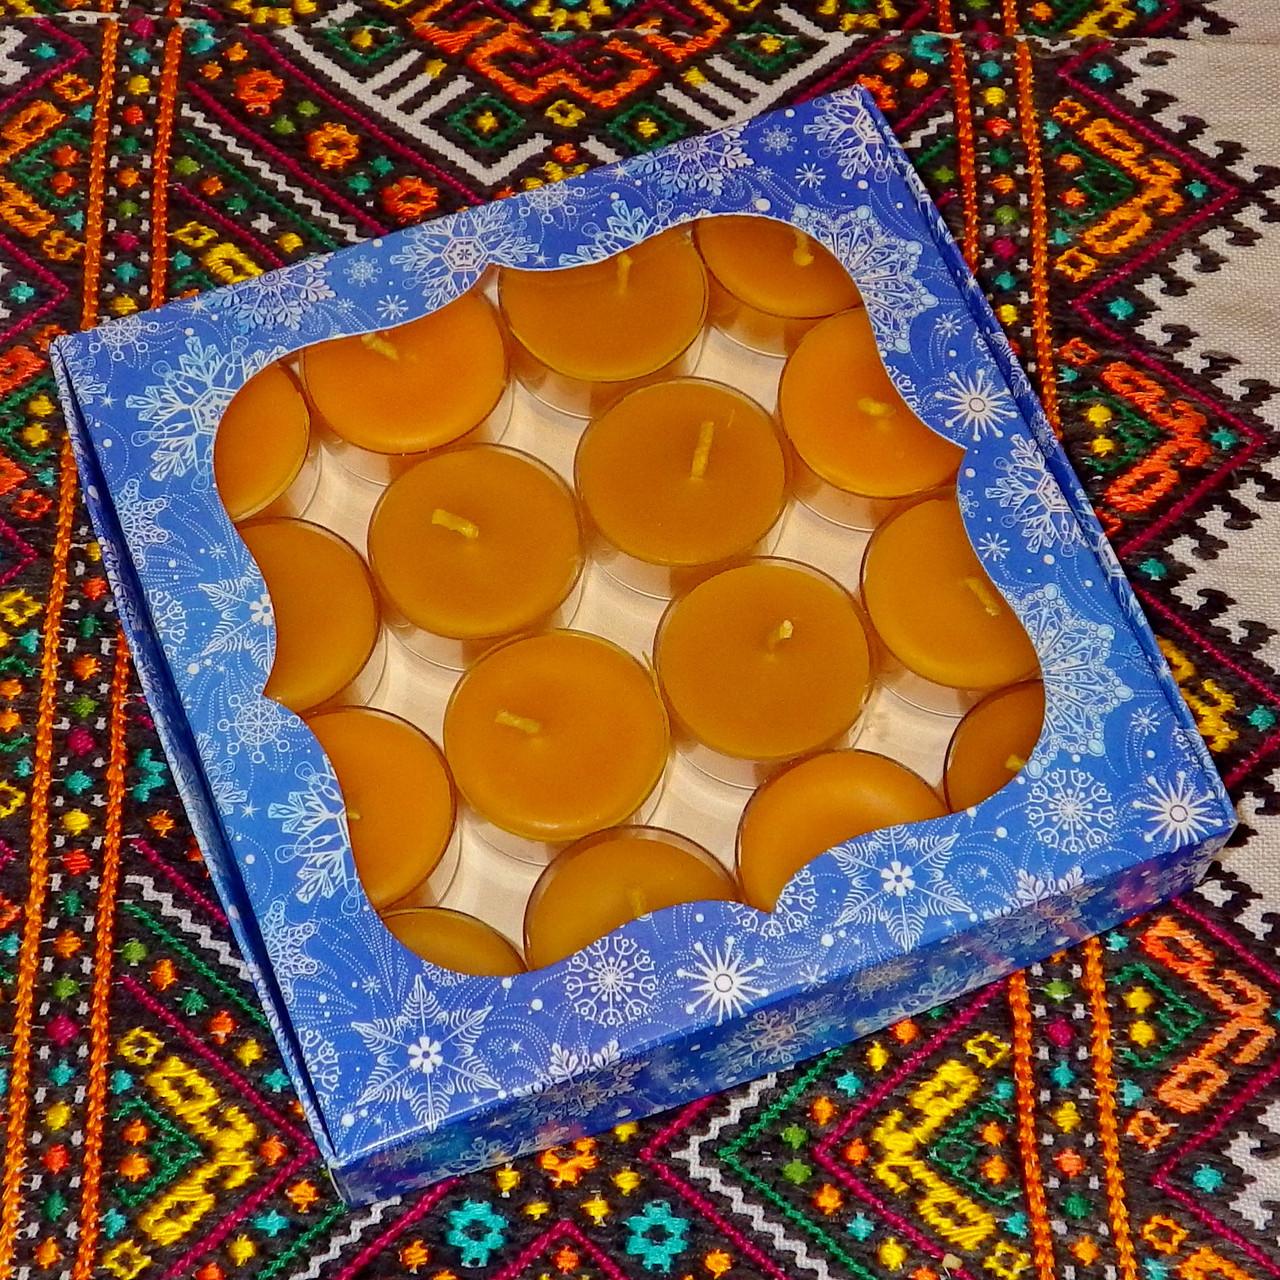 Подарочный набор круглых чайных восковых свечей 15г (16шт.) в коробке Синий Снег